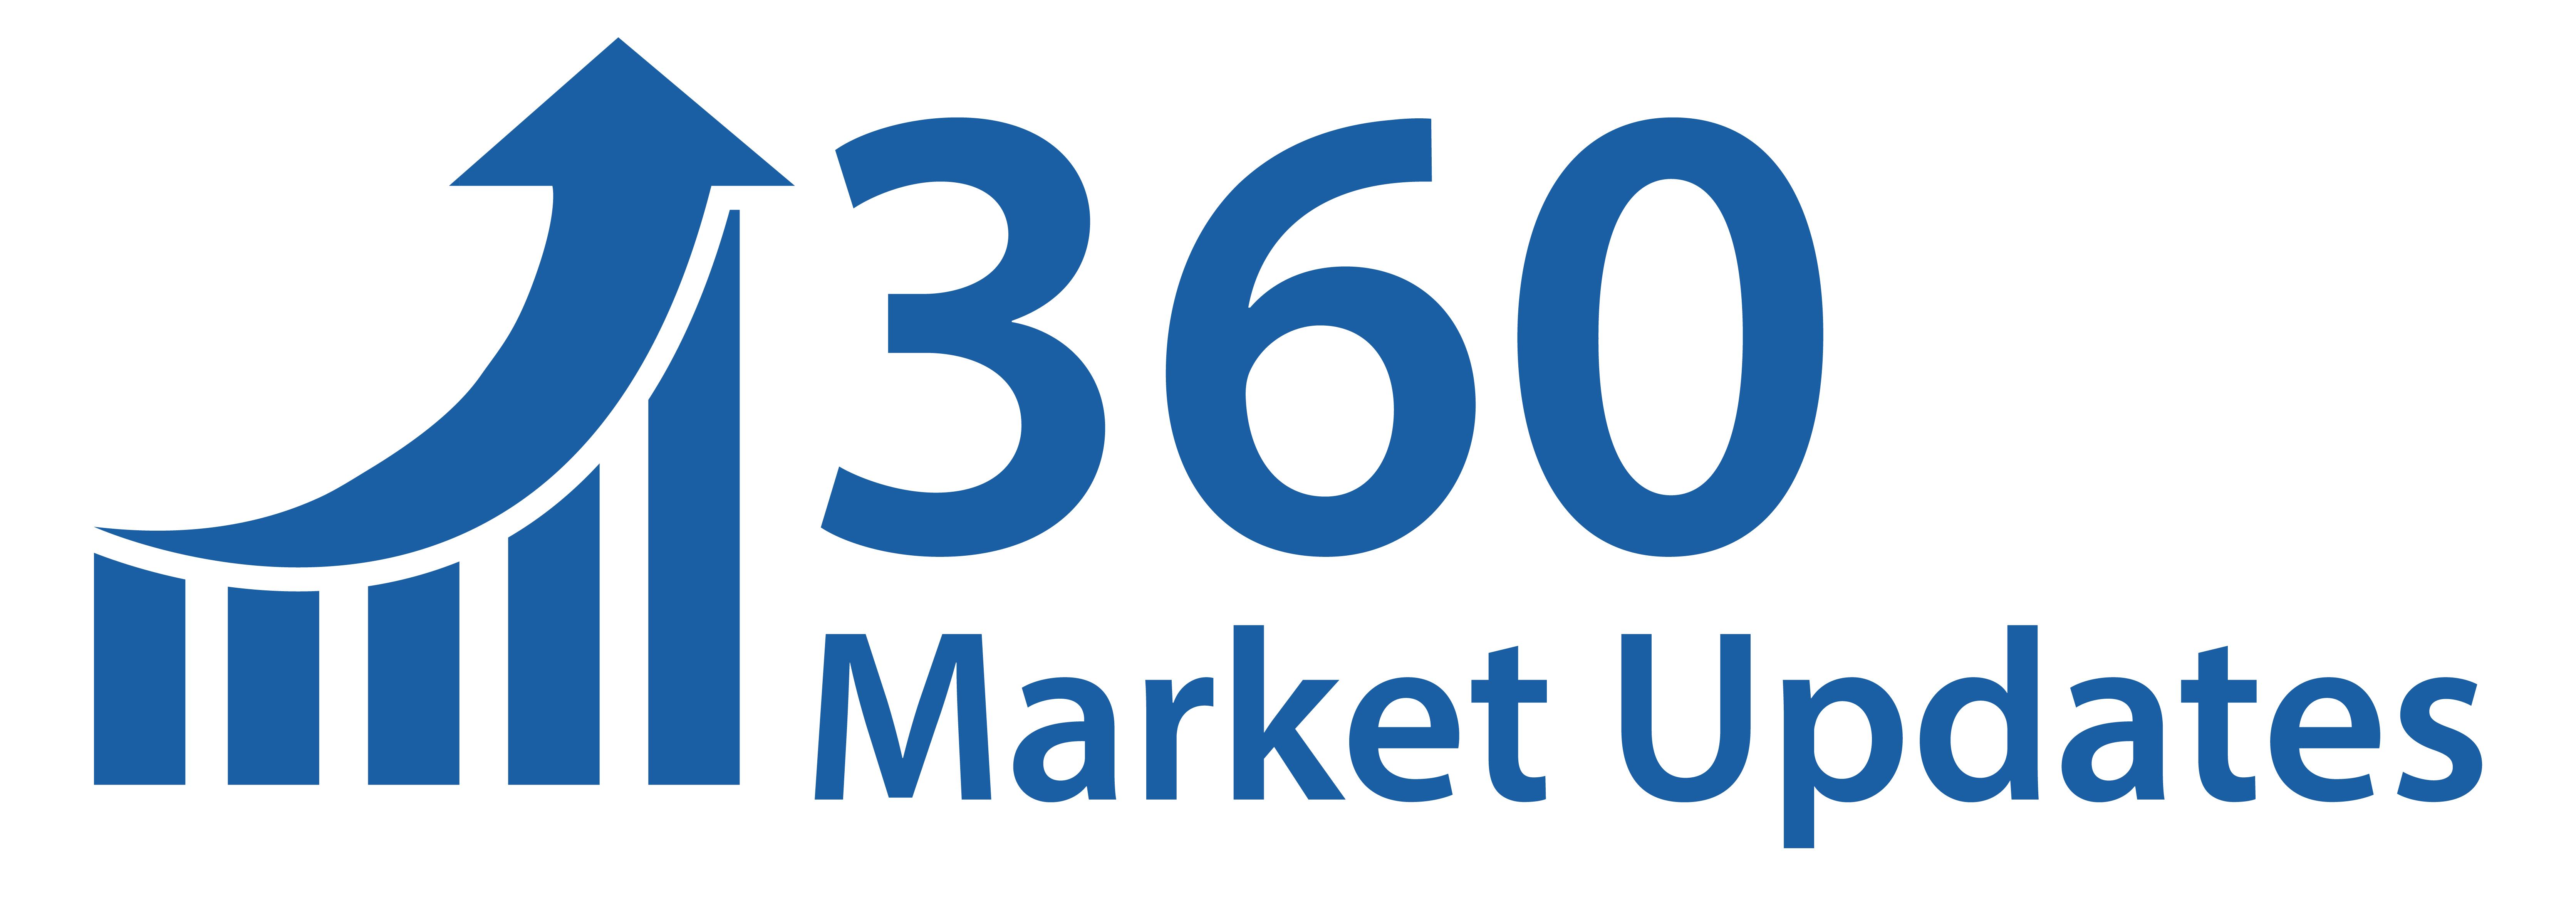 Automotive Catalytic Converter Equipment Market 2020 Acciones, Alcance, Estaca, Tendencias, Tamaño de la Industria, Ventas y Ingresos, Crecimiento, Oportunidades y Demanda con Panorama Competitivo e Informe de Investigación de Análisis de Análisis y Paisaje . 360 Actualizaciones de mercado